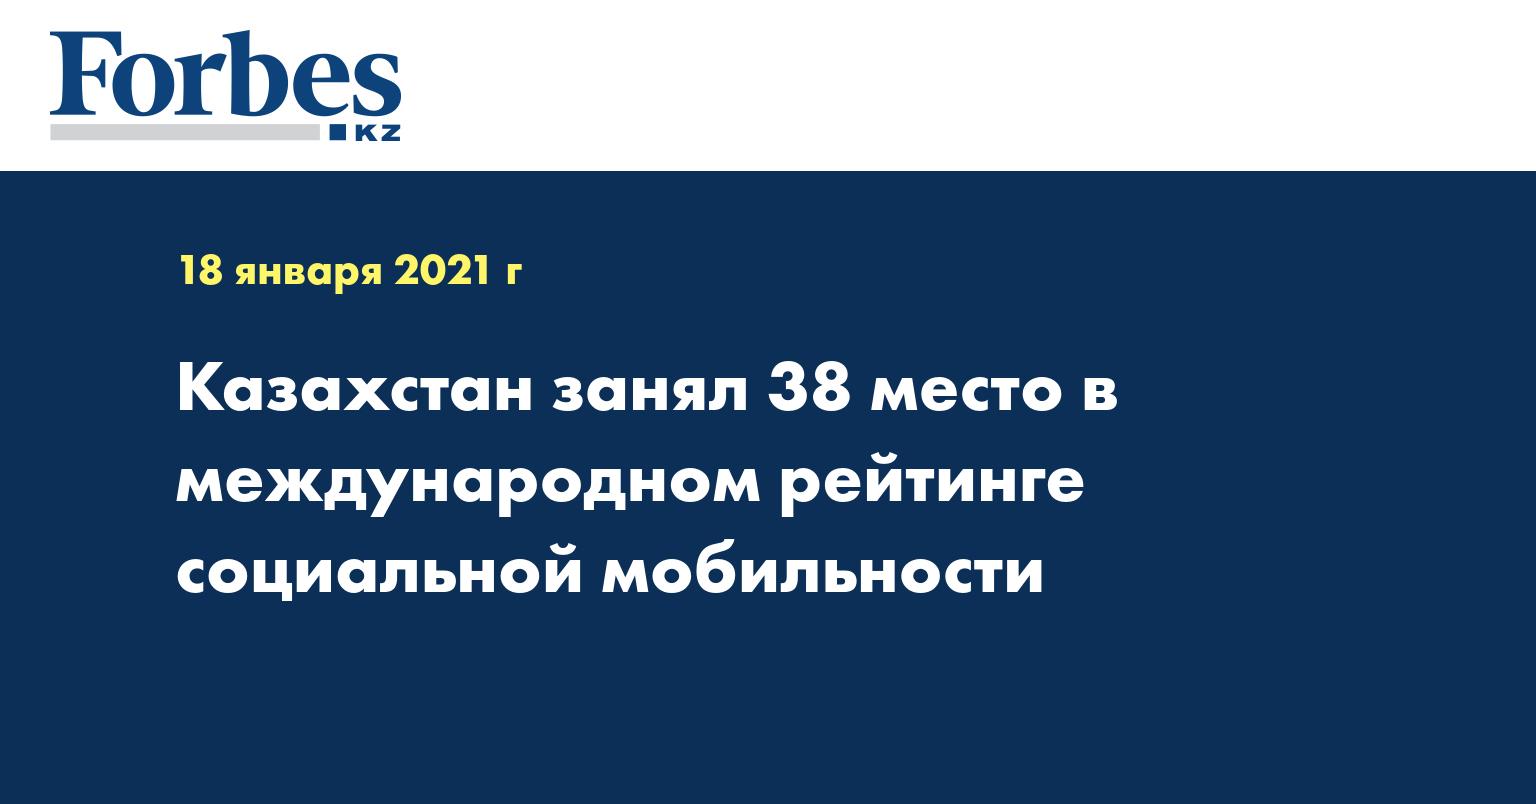 Казахстан занял 38 место в международном рейтинге социальной мобильности